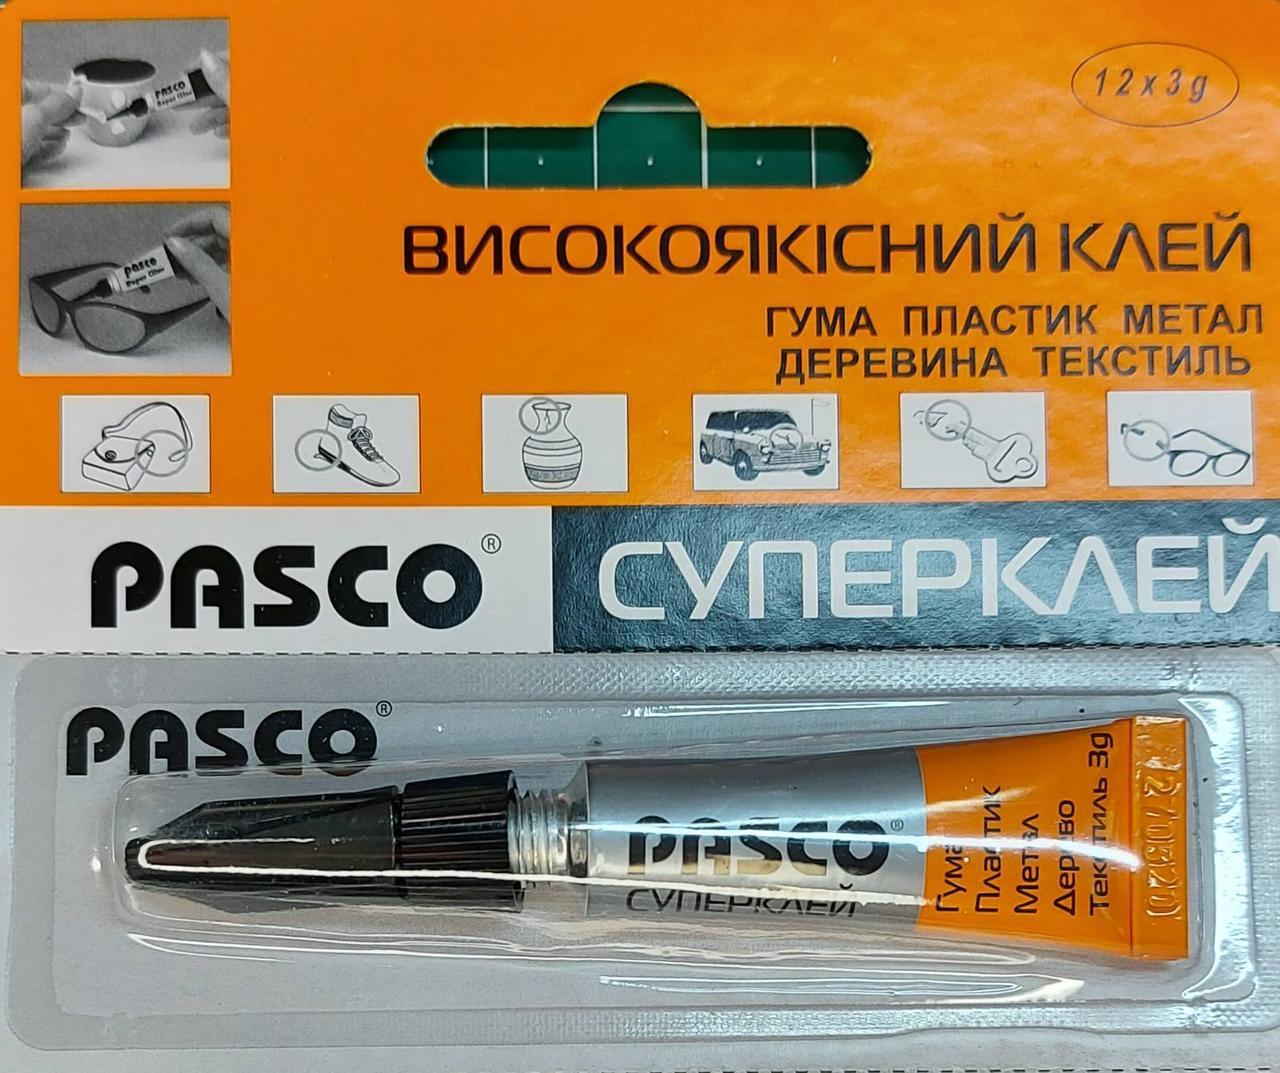 Суперклей универсальный PASCO, тюбик 3 гр.